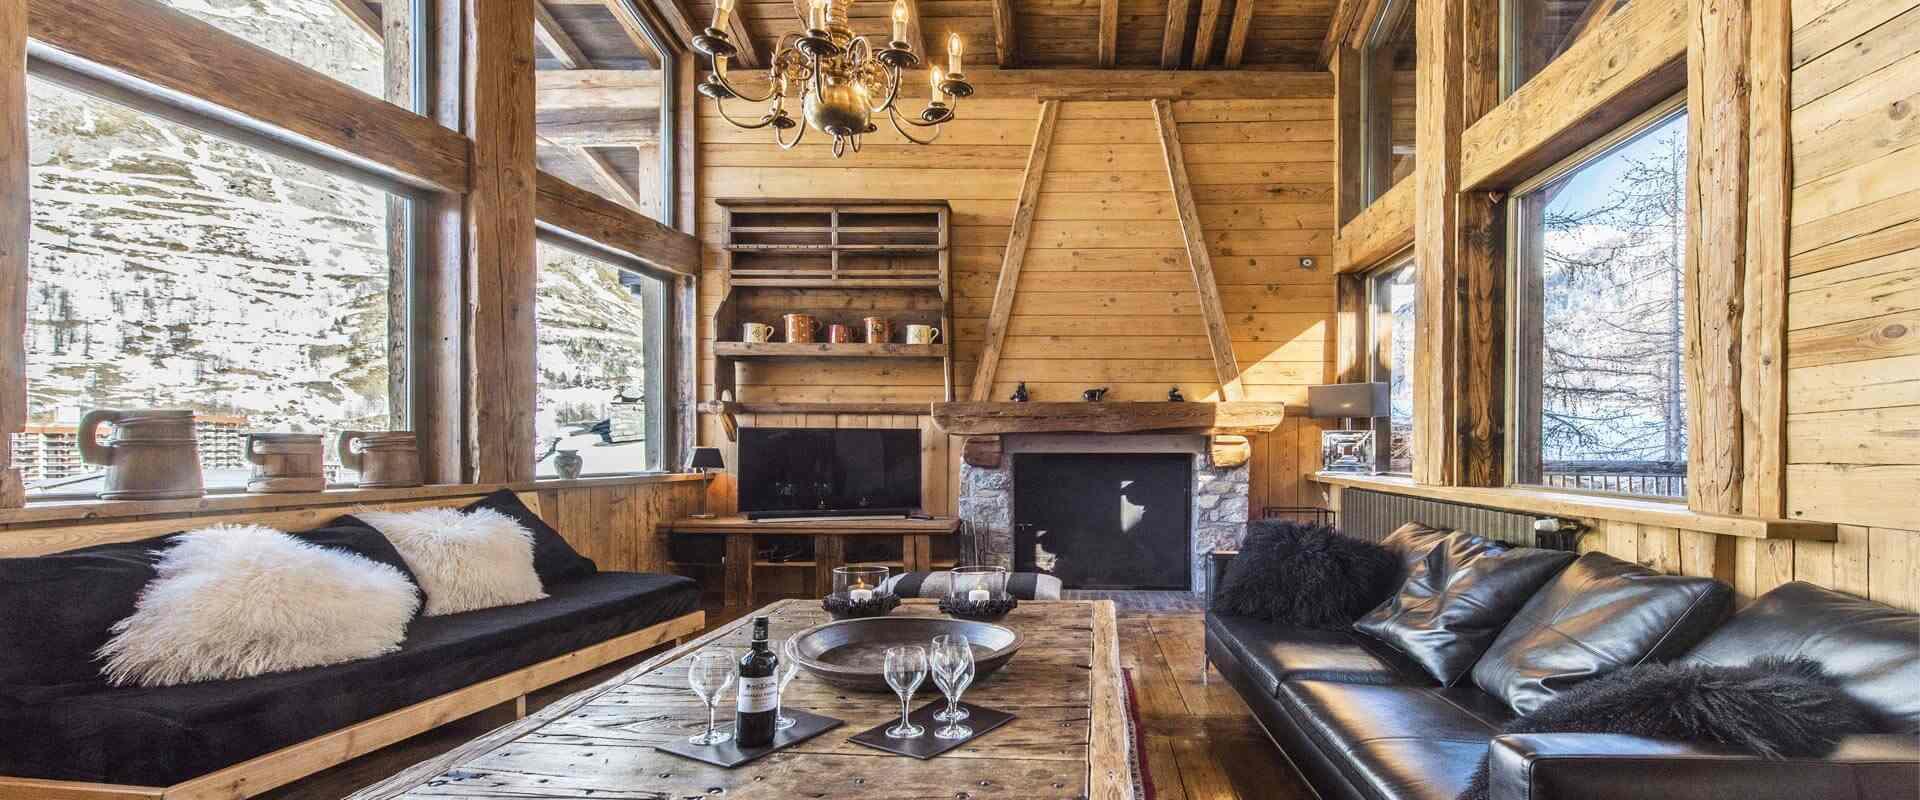 Les chalets covarel location de chalets de luxe val d for Piscine val d isere